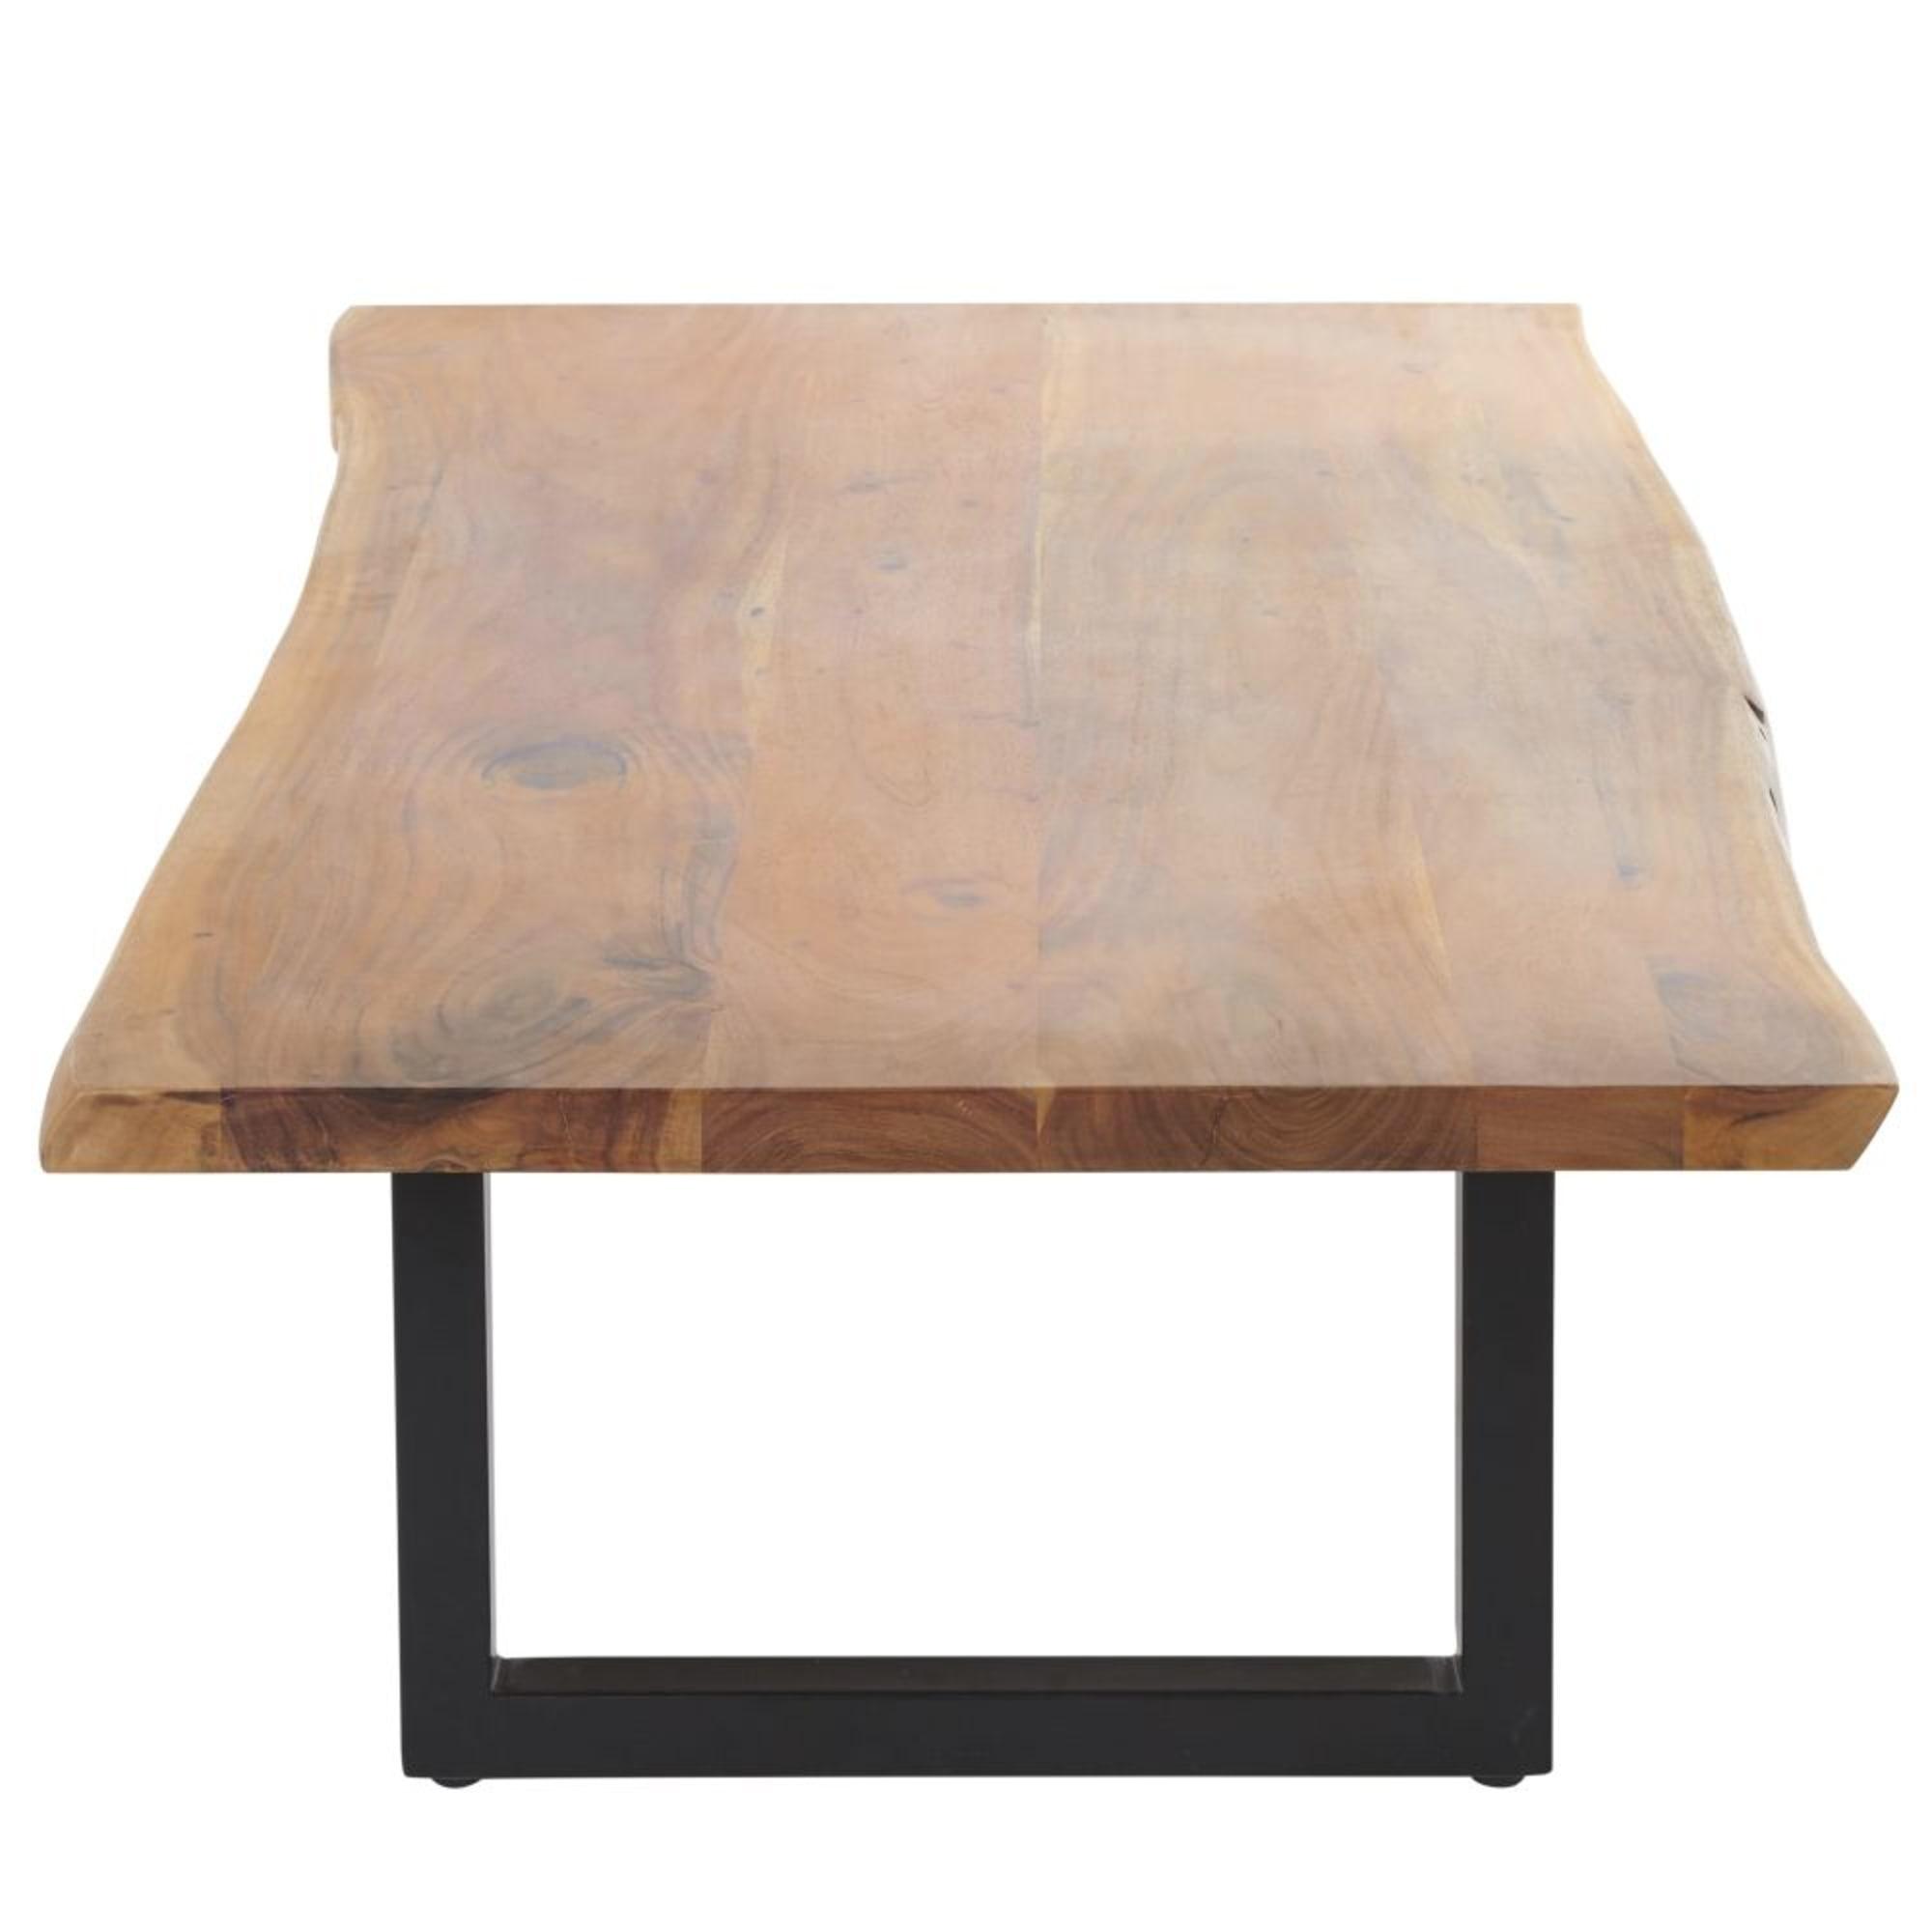 Table basse en acacia et métal noir Palissandre - Maisons du Monde